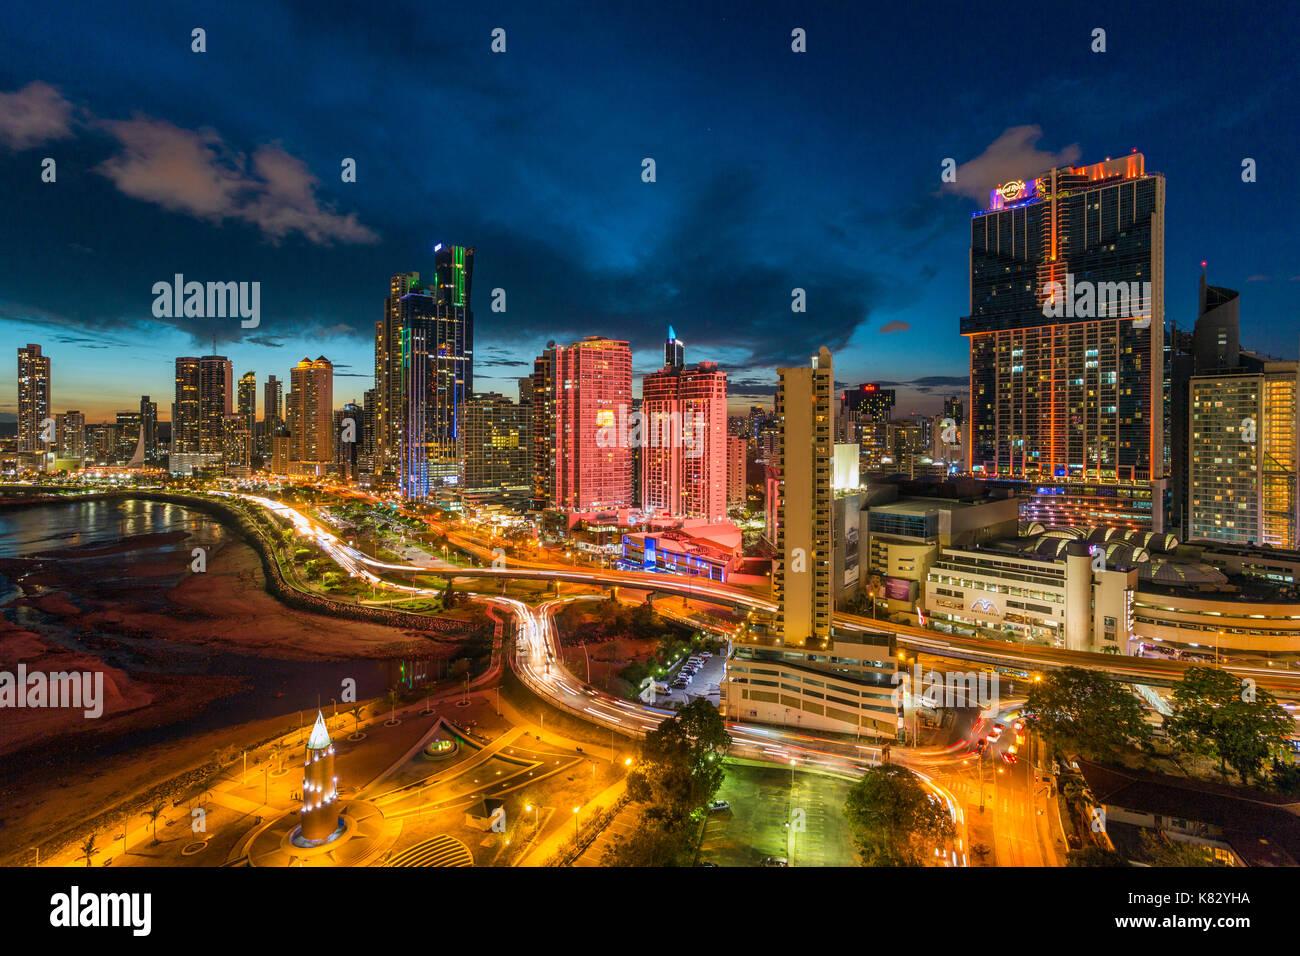 Ville illuminée au crépuscule, Panama, Panama, Amérique Centrale Banque D'Images